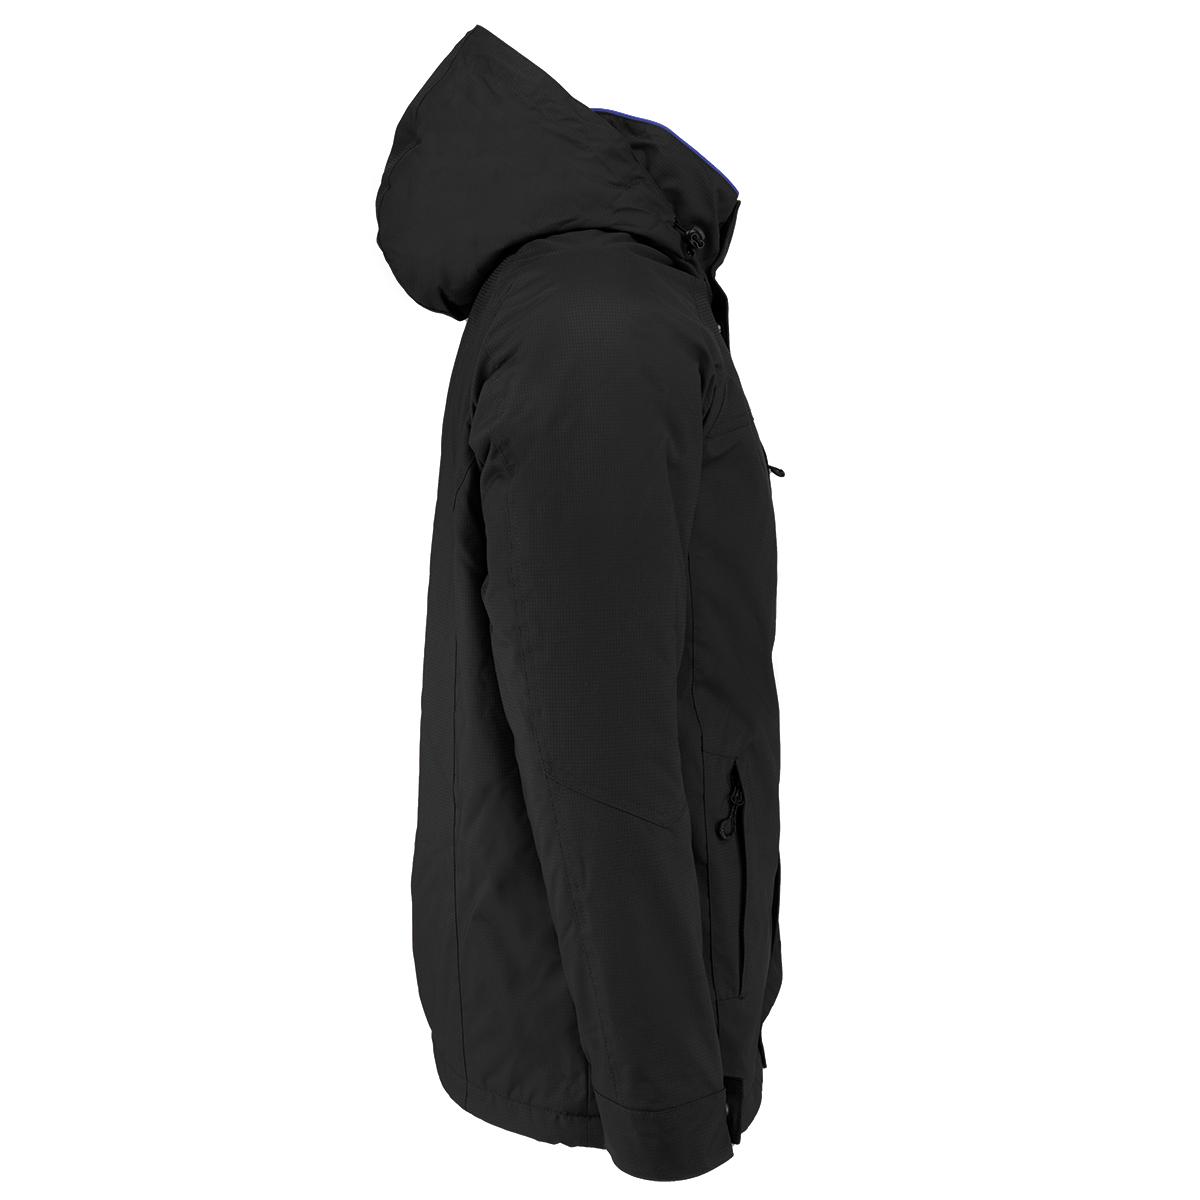 IZOD-Men-039-s-Midweight-Polar-Fleece-Lined-Jacket thumbnail 3